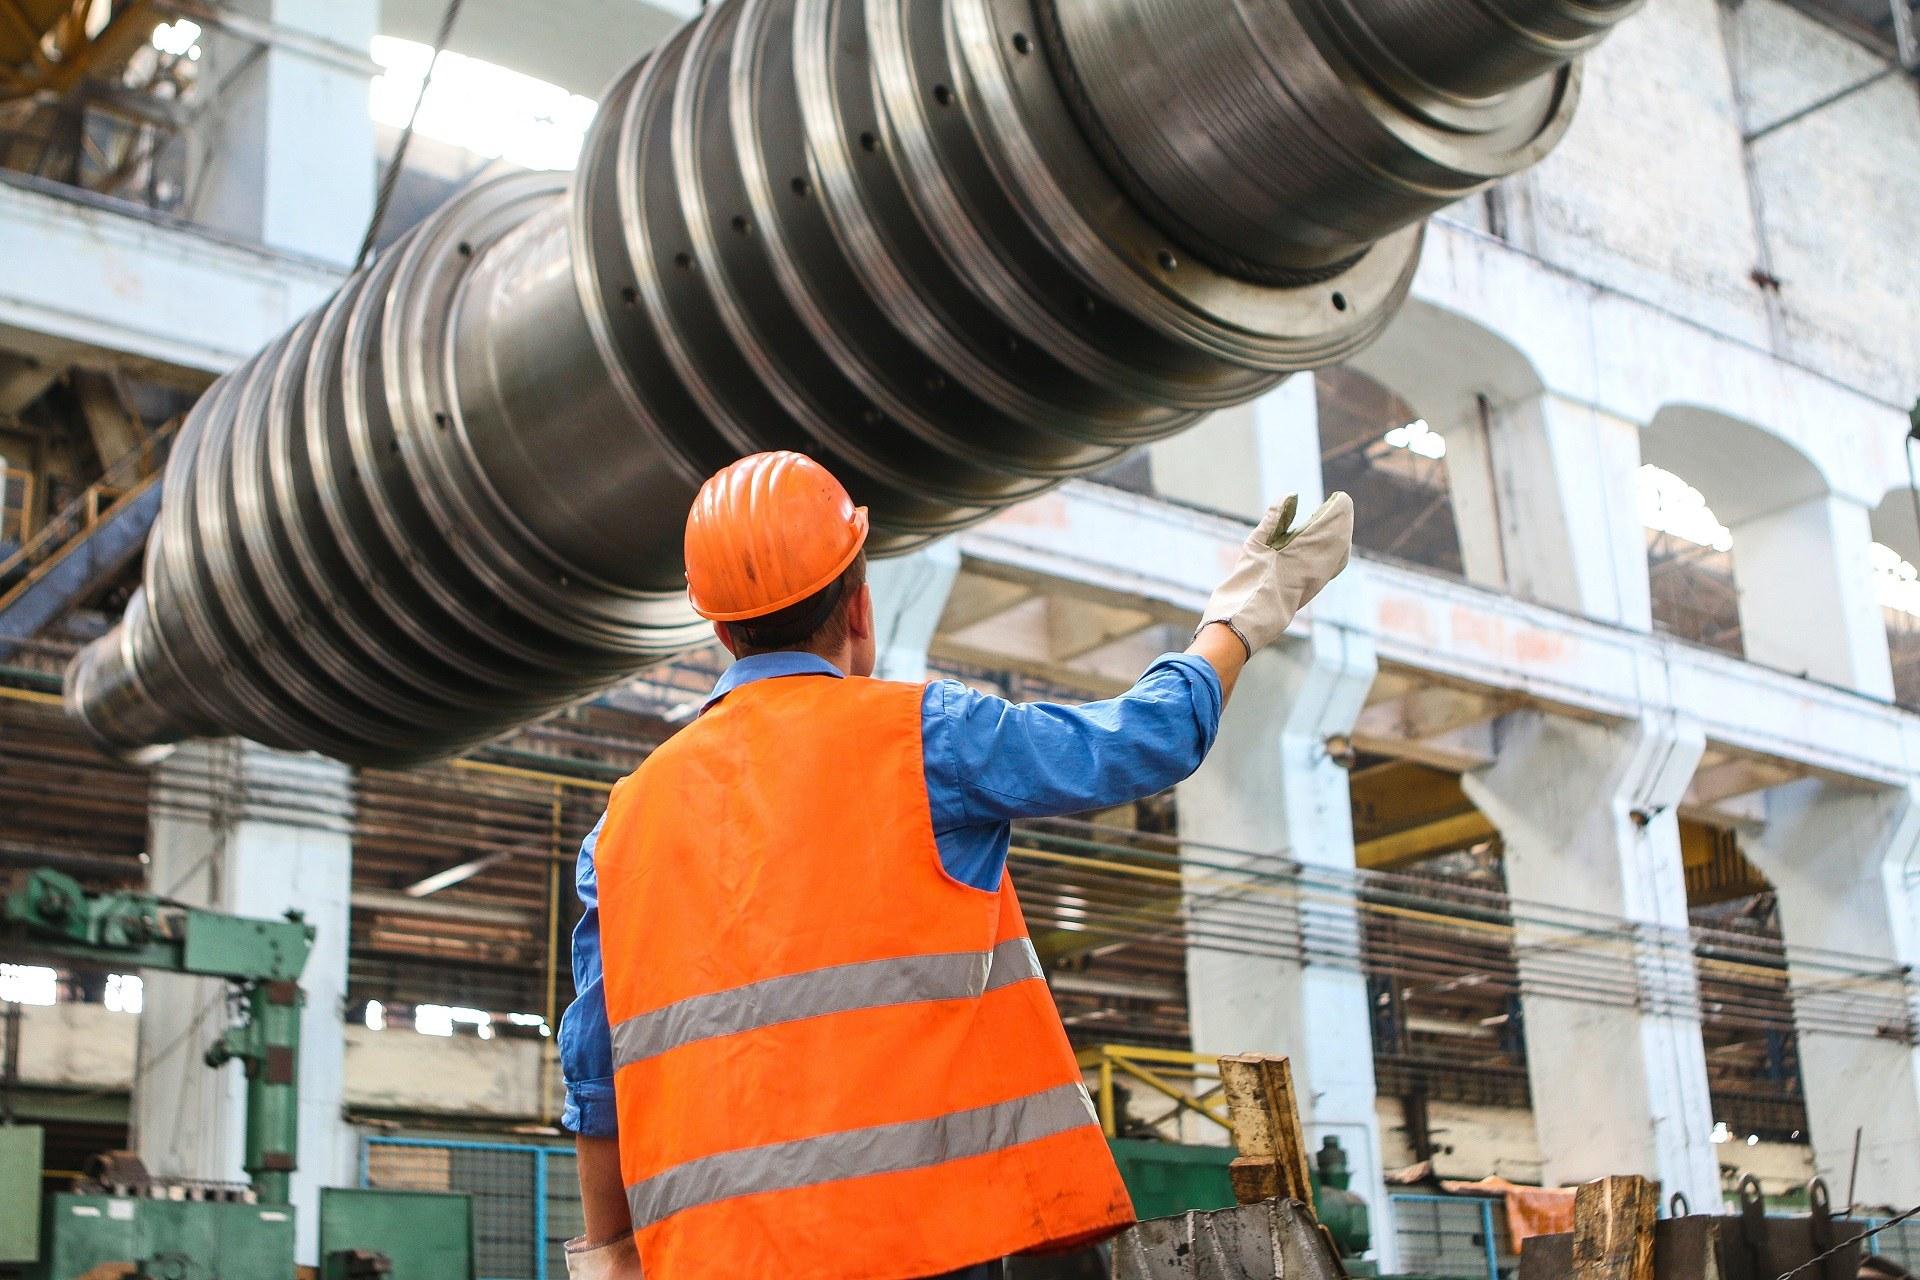 Baustellenüberwachung, Baustellenbewachung Sicherheitsdienst Baustelle, Bau bewachen Mannheim